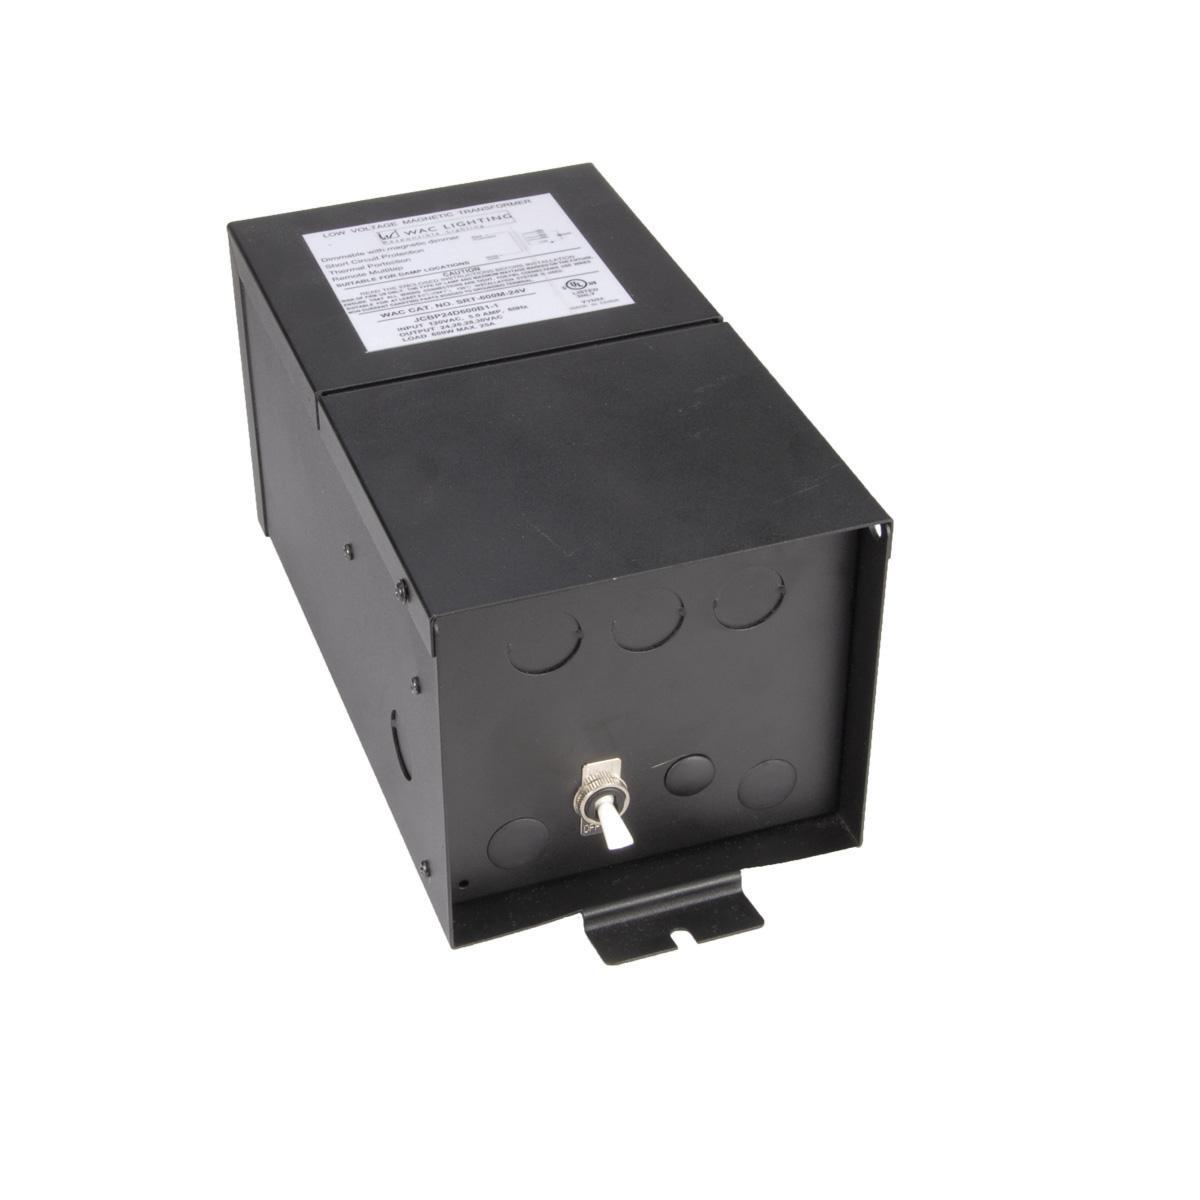 24v-magnetic-transformer-indoor